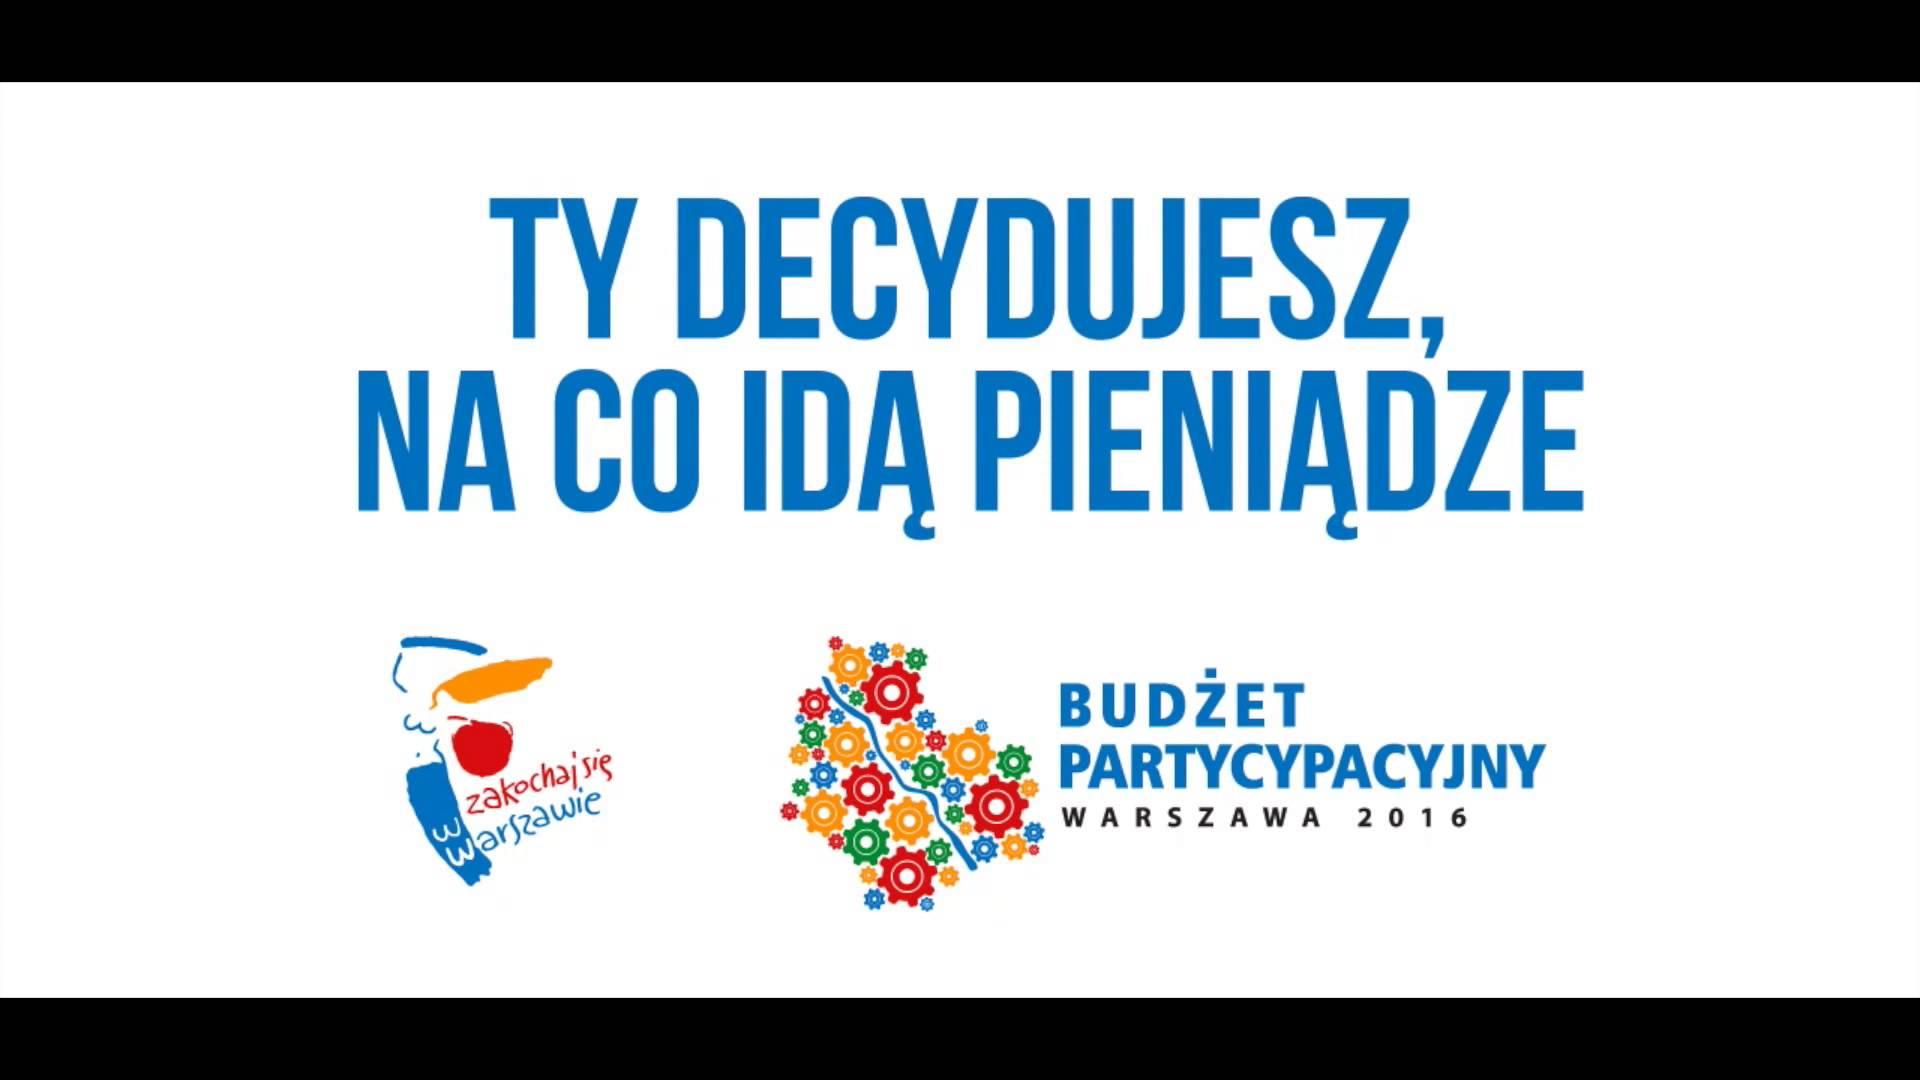 W dniach 16-26 czerwca 2015 głosujemy na projekty z budżetu partycypacyjnego